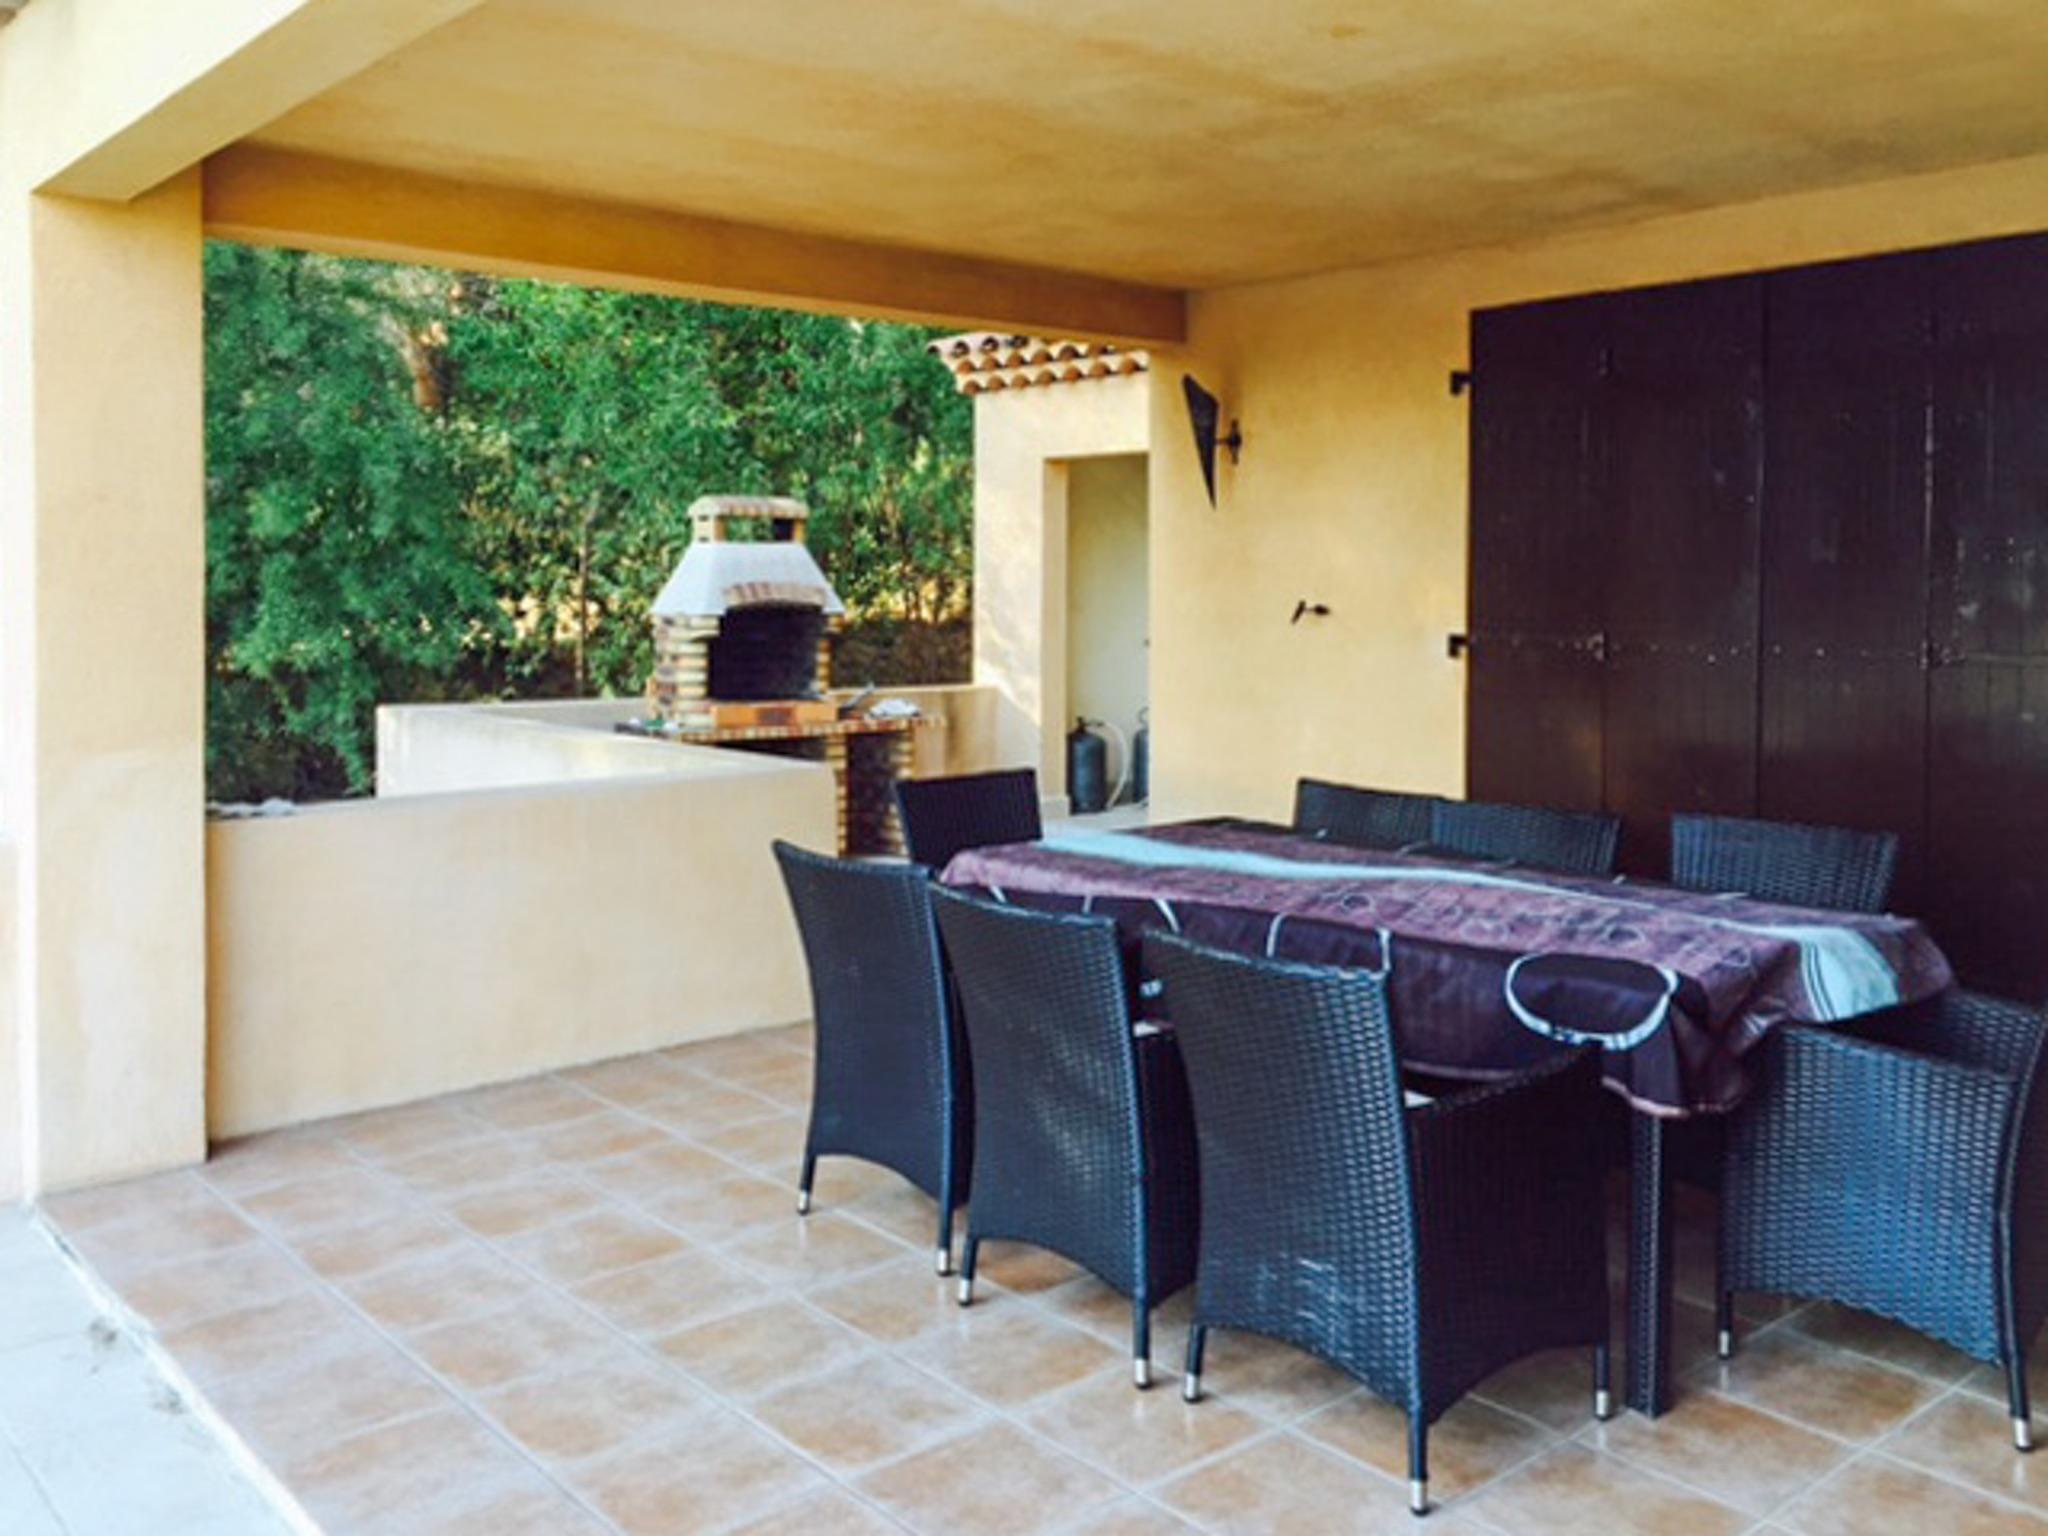 Ferienhaus Haus mit drei Schlafzimmern, Pool, Garten und Terrasse in der Luberon (2201928), Pertuis, Vaucluse, Provence - Alpen - Côte d'Azur, Frankreich, Bild 20